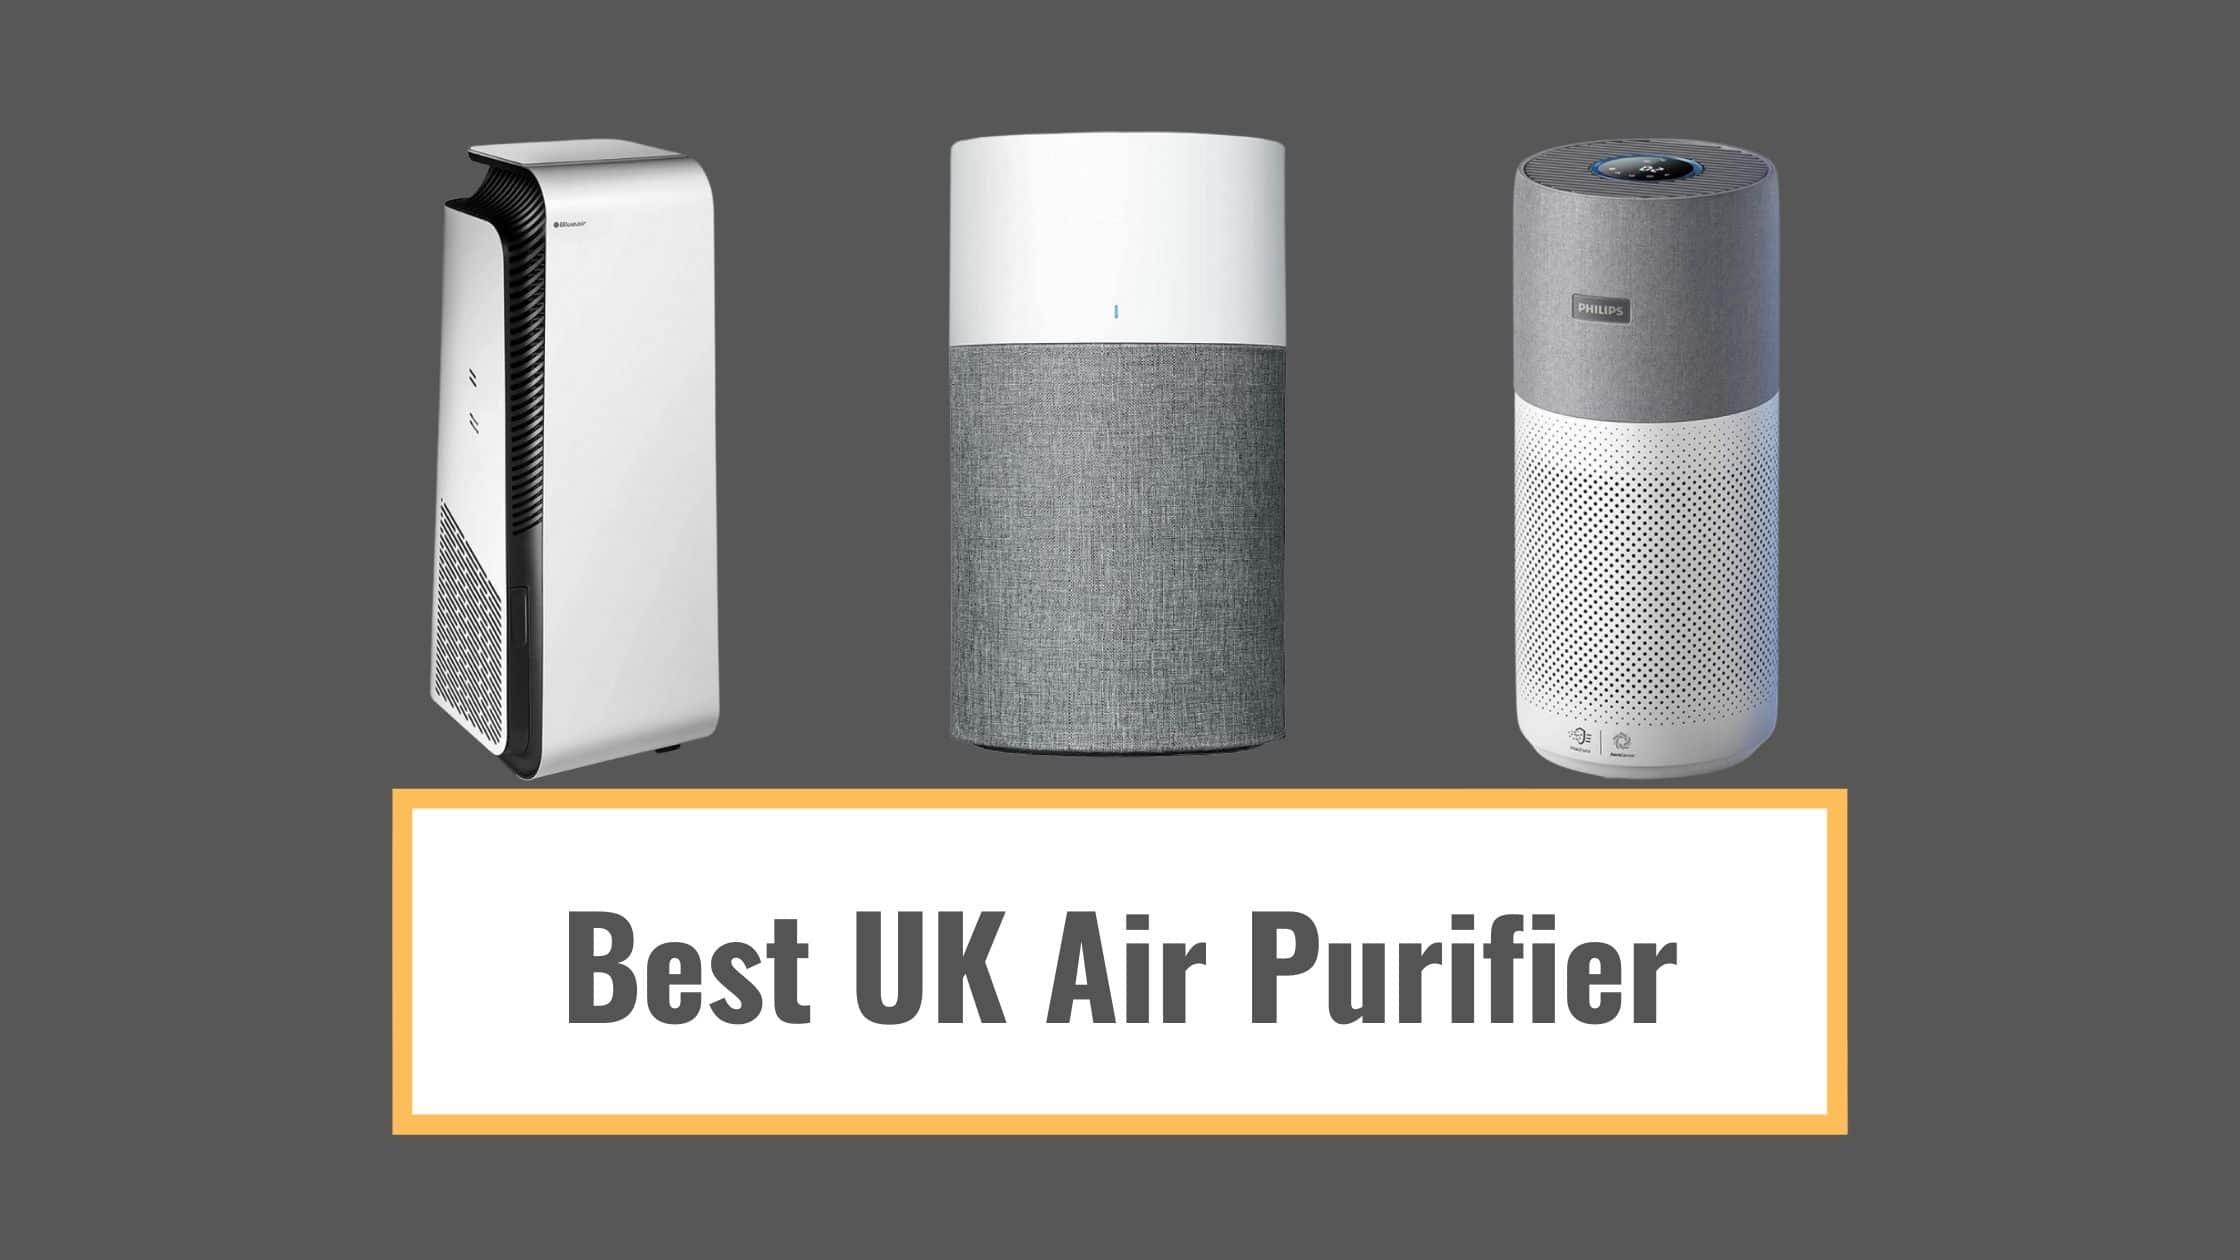 Best UK Air Purifier